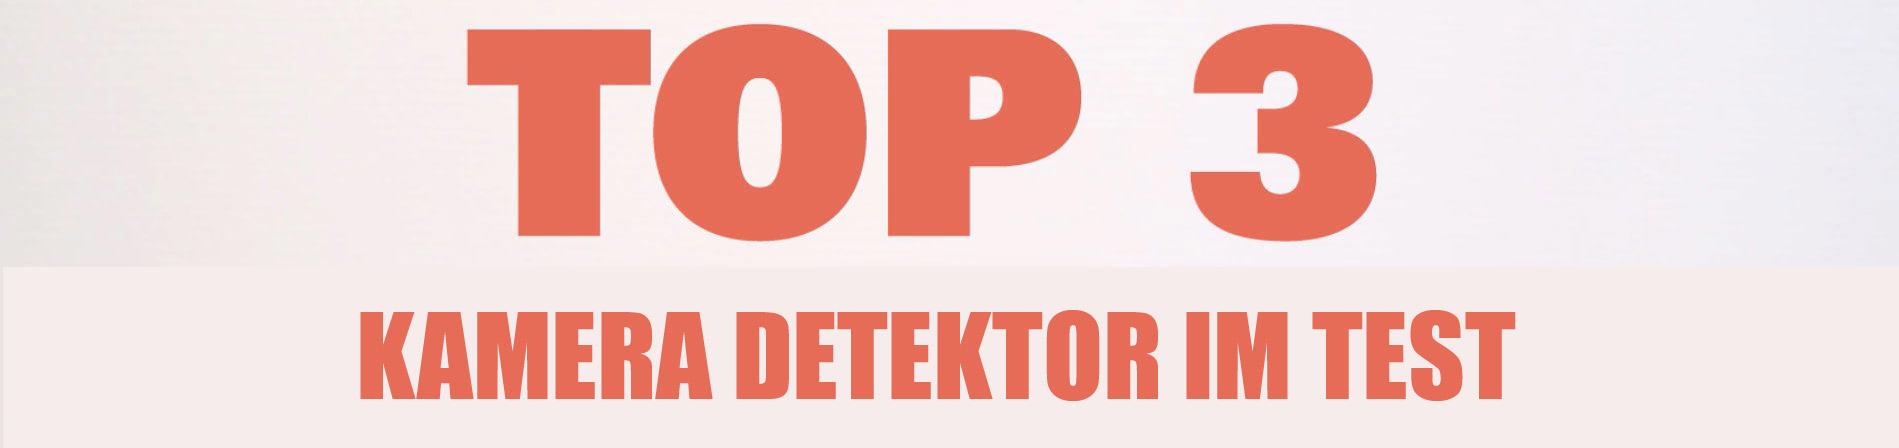 TOP 3 Kamera Detektor Finder Test